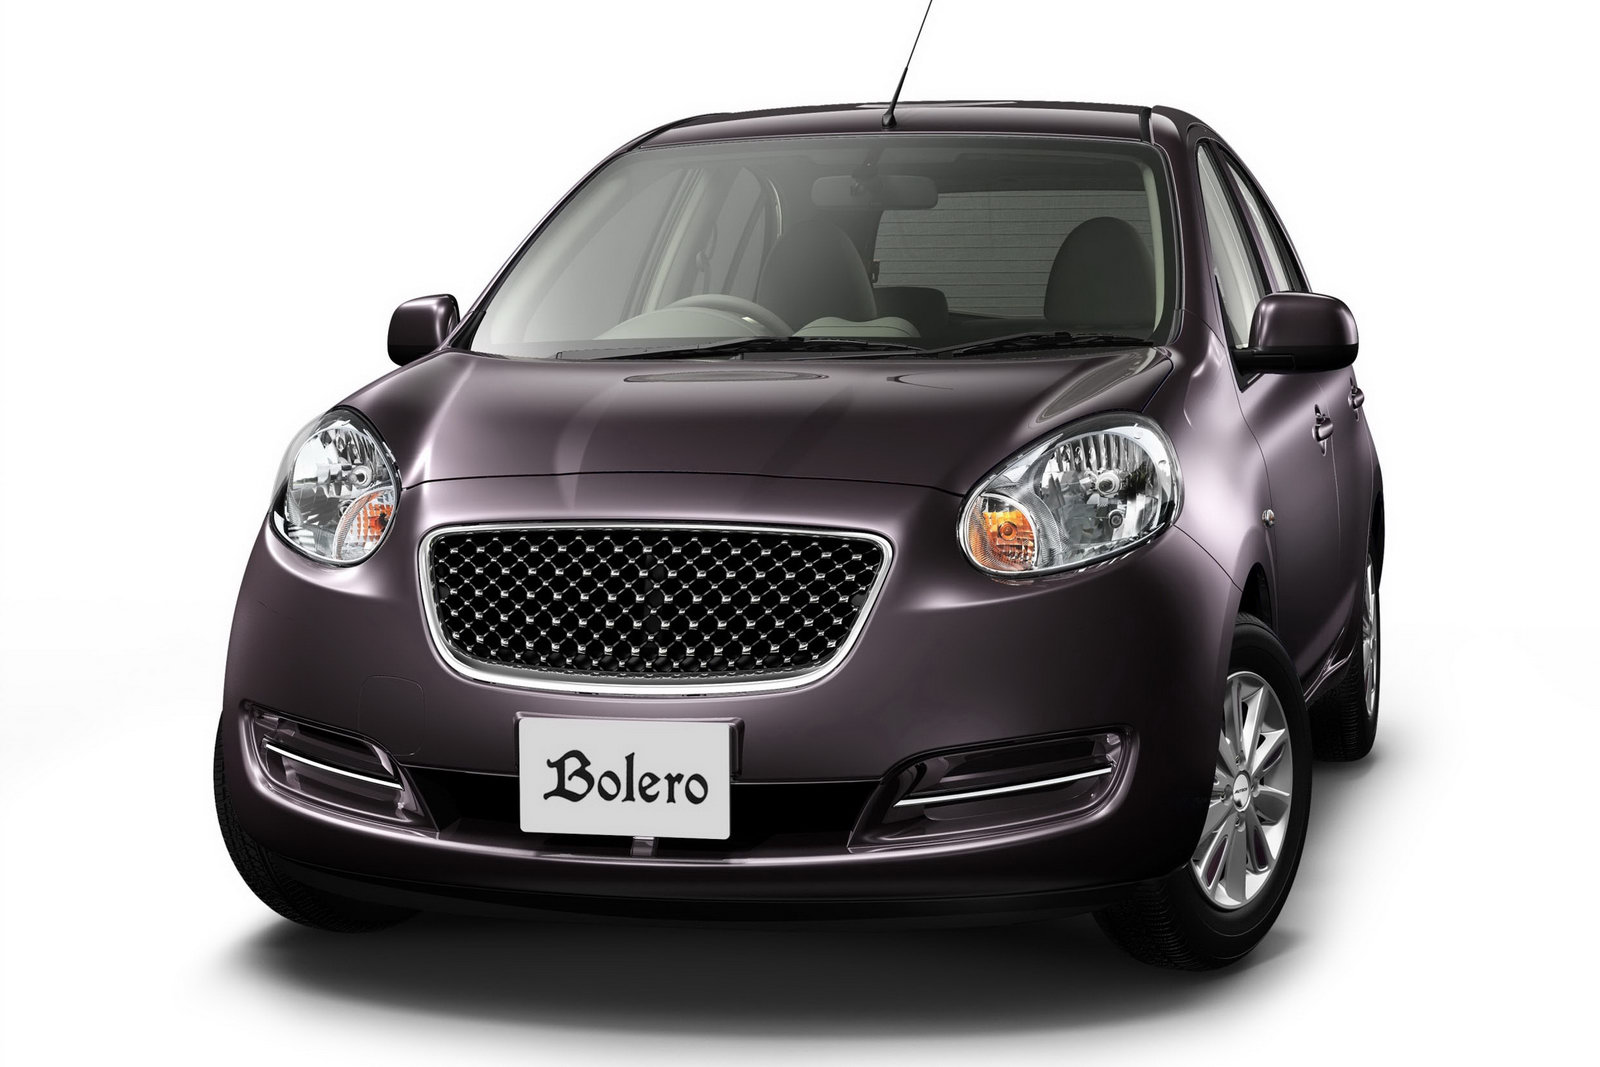 2011_nissan_tokyo_auto_salon_concepts_04